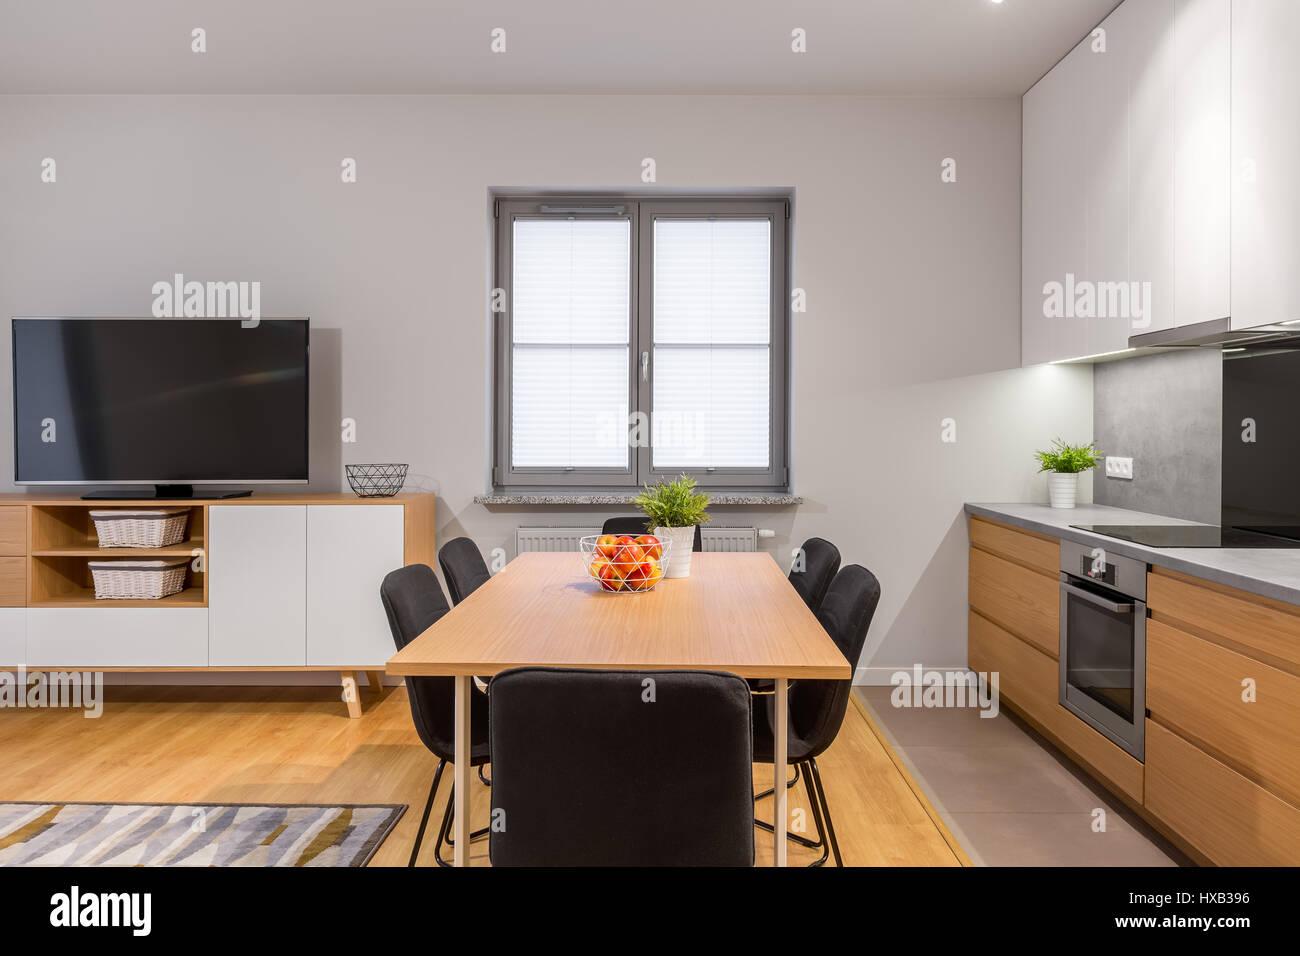 Wunderbar Kuche Esszimmer Und Wohnzimmer In Einem Raum ...